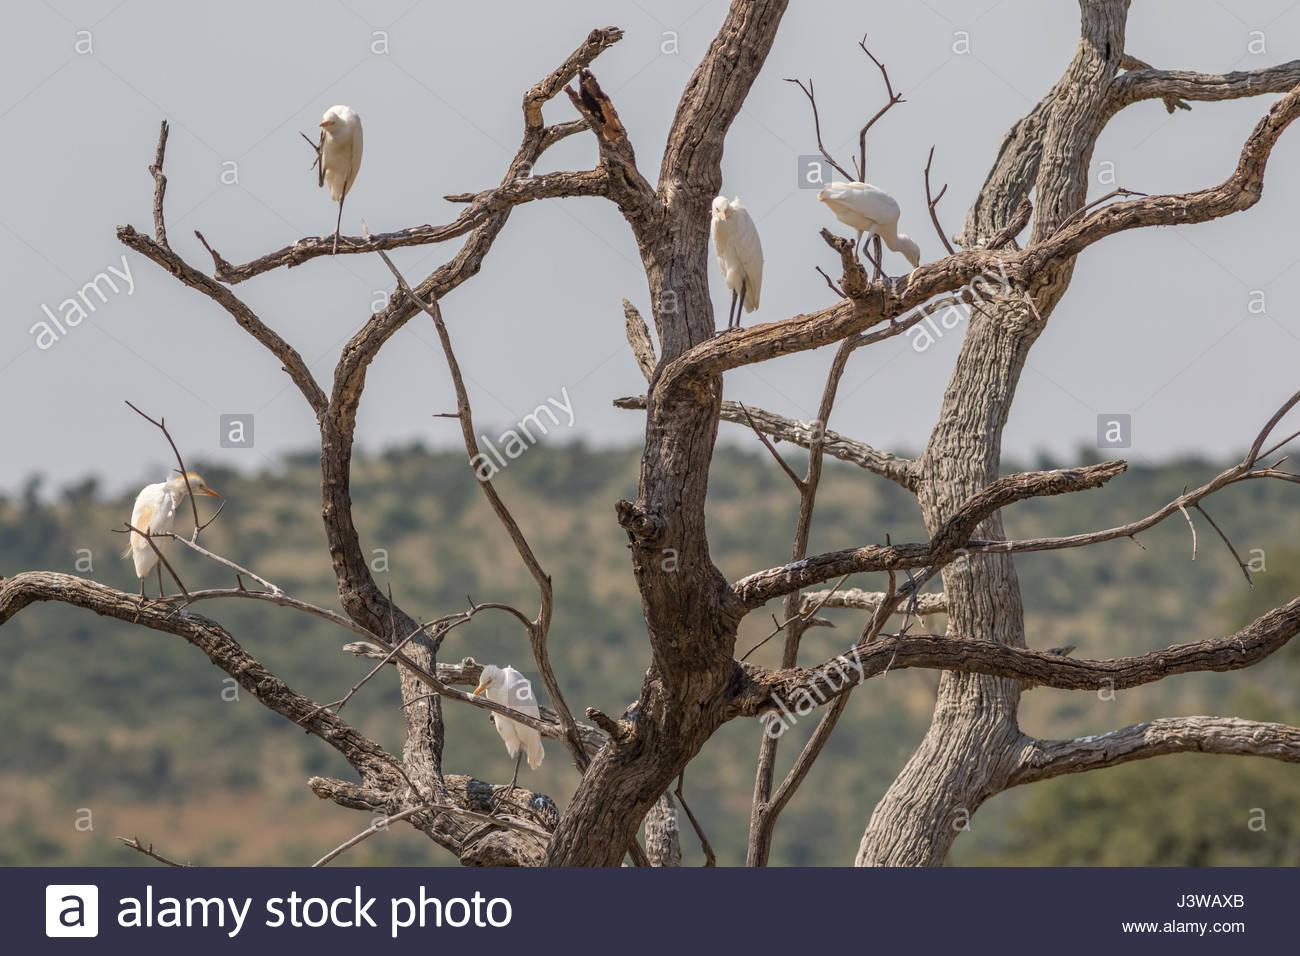 Un troupeau de bovins de l'ouest d'aigrettes perchées dans les branches d'un arbre mort. Photo Stock